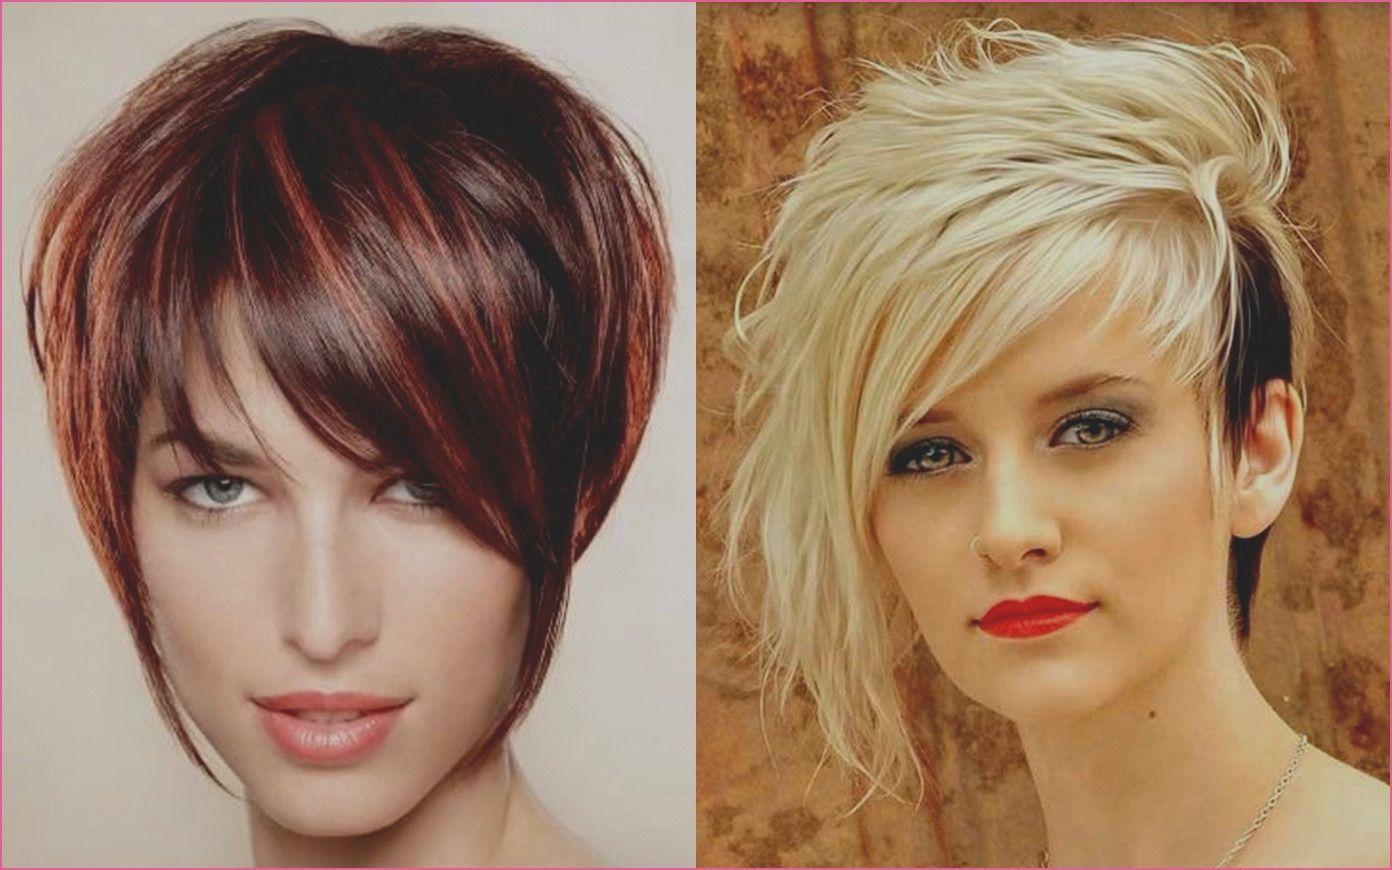 Frisuren Fur Runde Dicke Gesichter Frisuren Fur Runde Dicke Gesichter 1 Haarstruktur Flexibilitat Eines Der W In 2020 Balayage Frisur Kurzhaarfrisuren Haarfarben